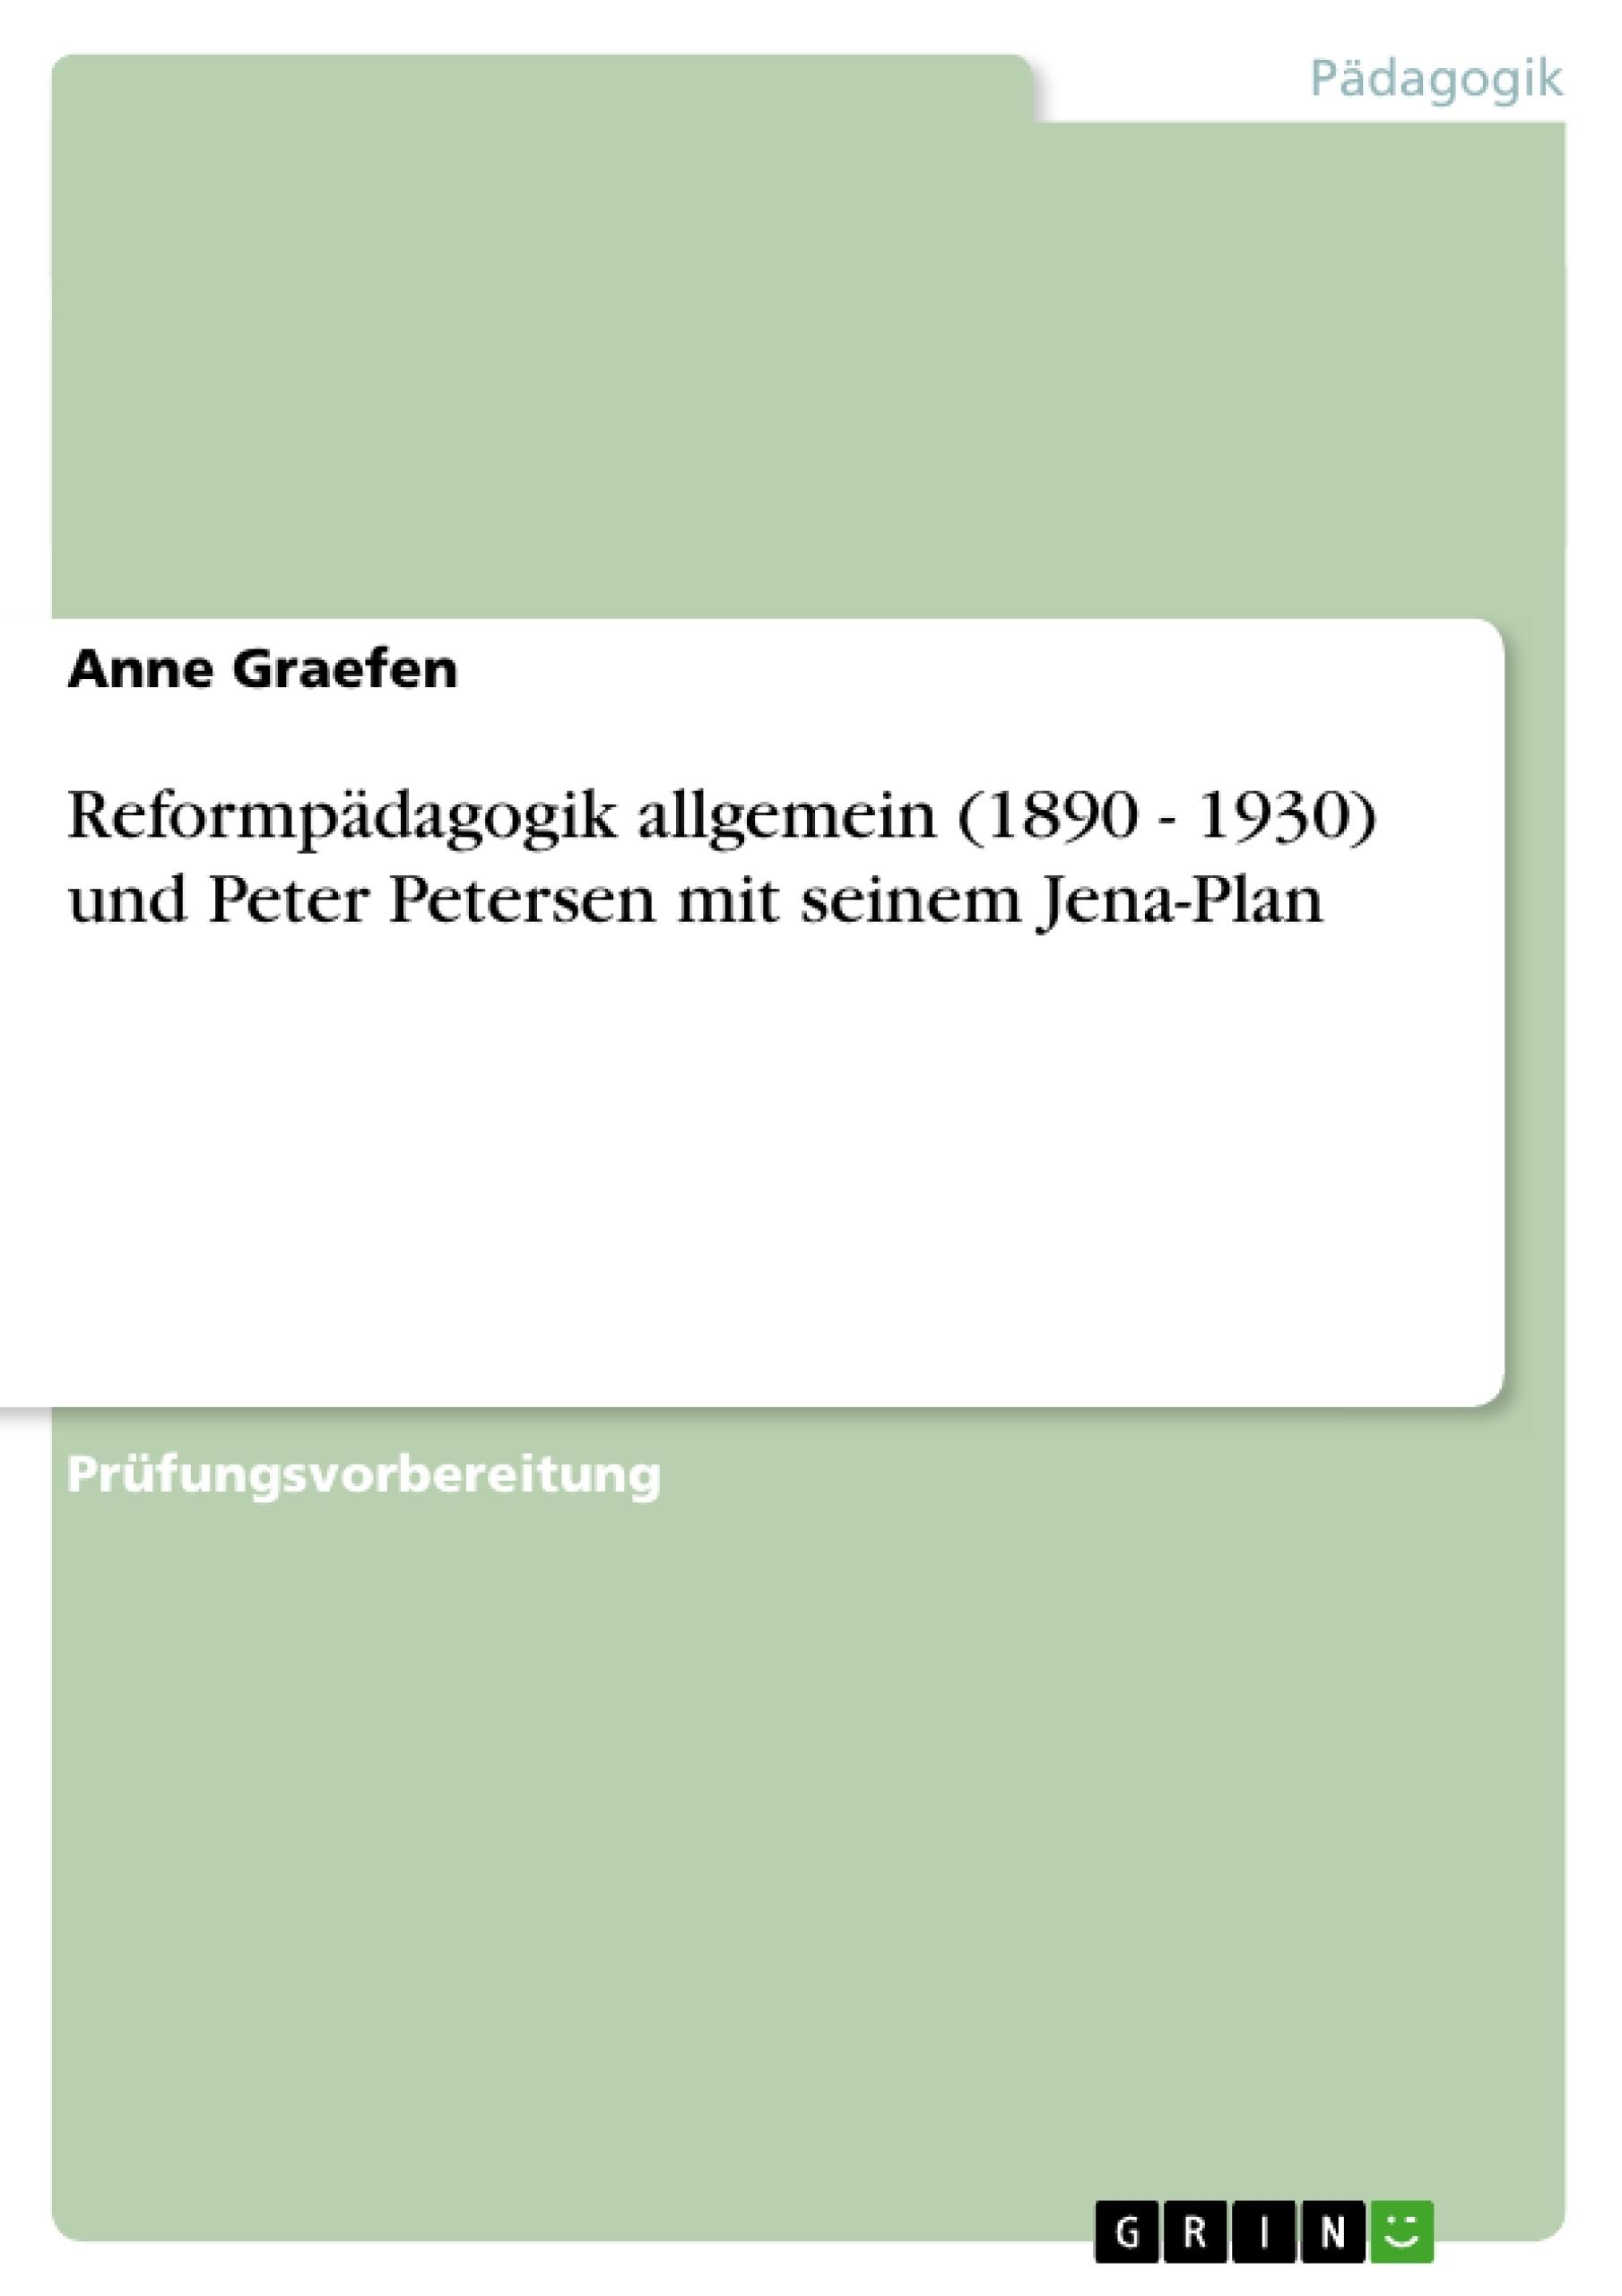 Titel: Reformpädagogik allgemein (1890 - 1930) und Peter Petersen mit seinem Jena-Plan